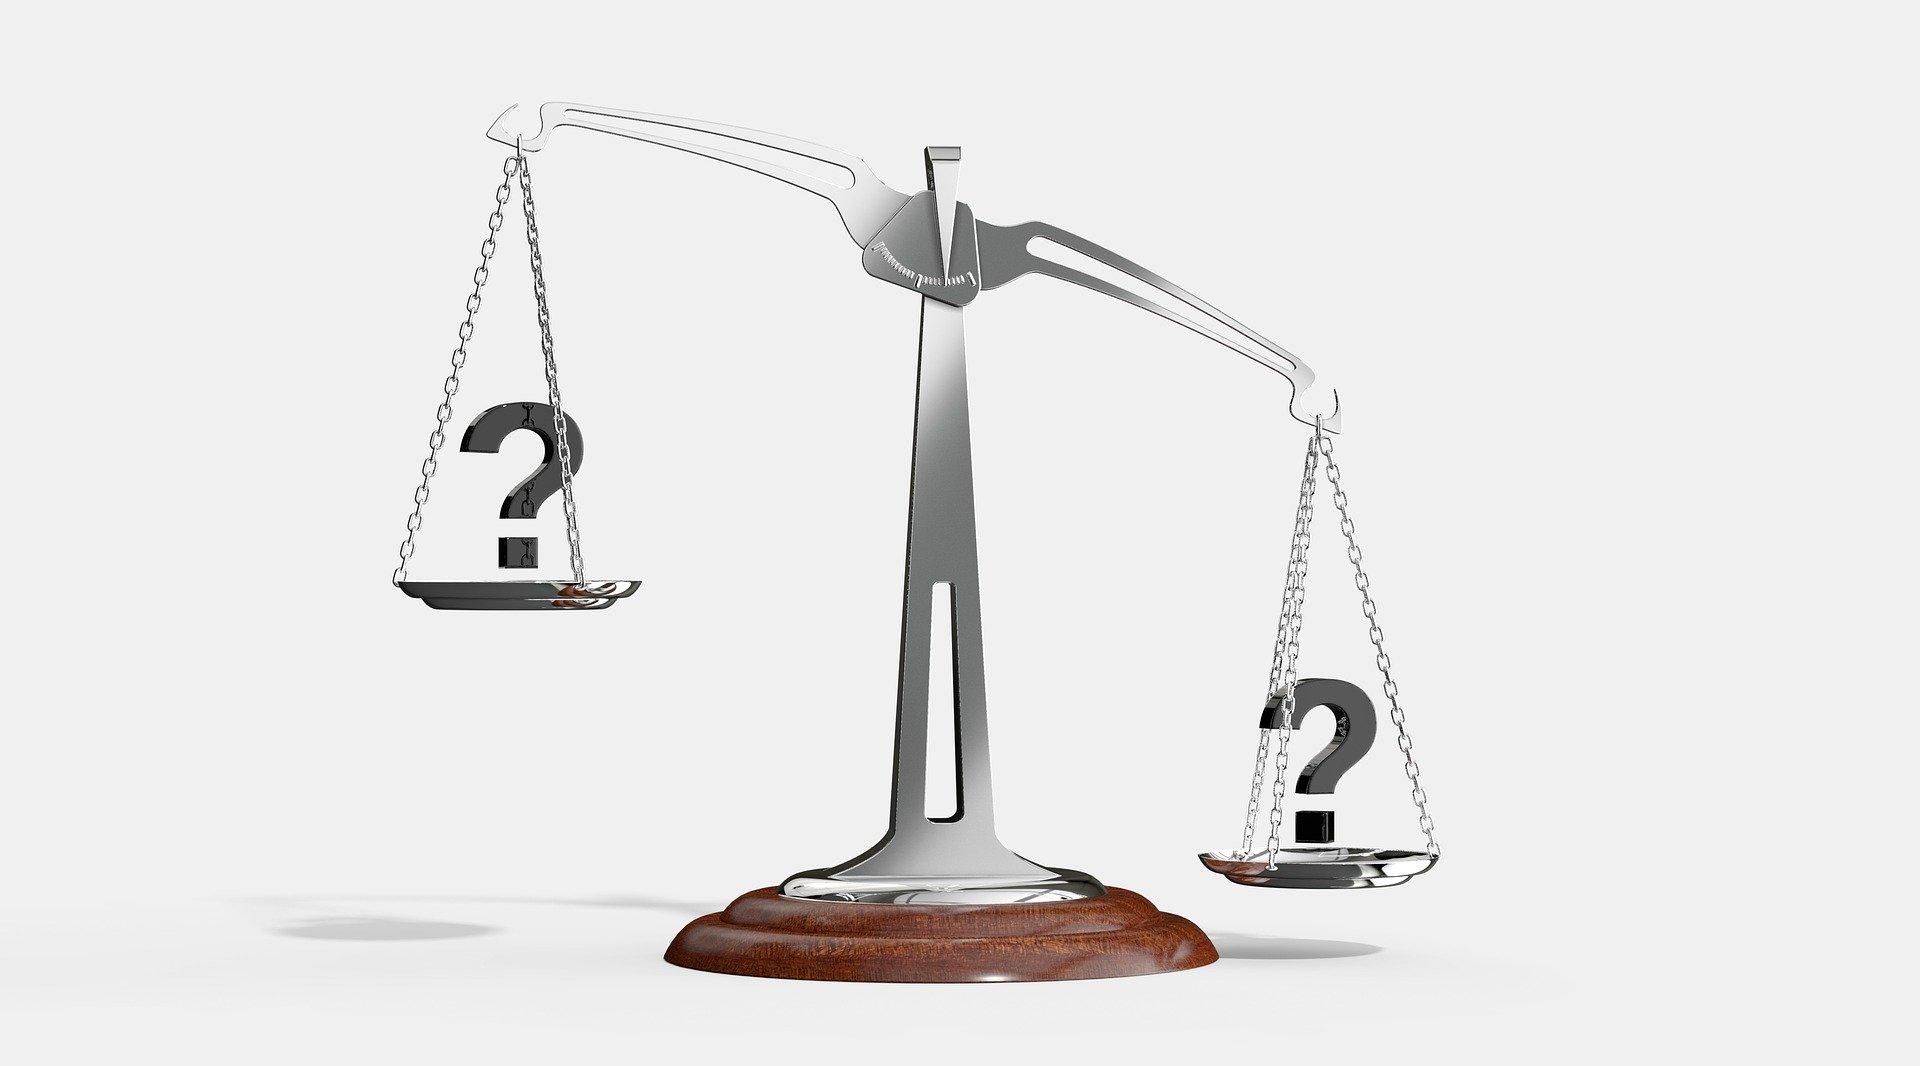 中国輸入では無在庫販売と有在庫販売どちらを選ぶべきか?